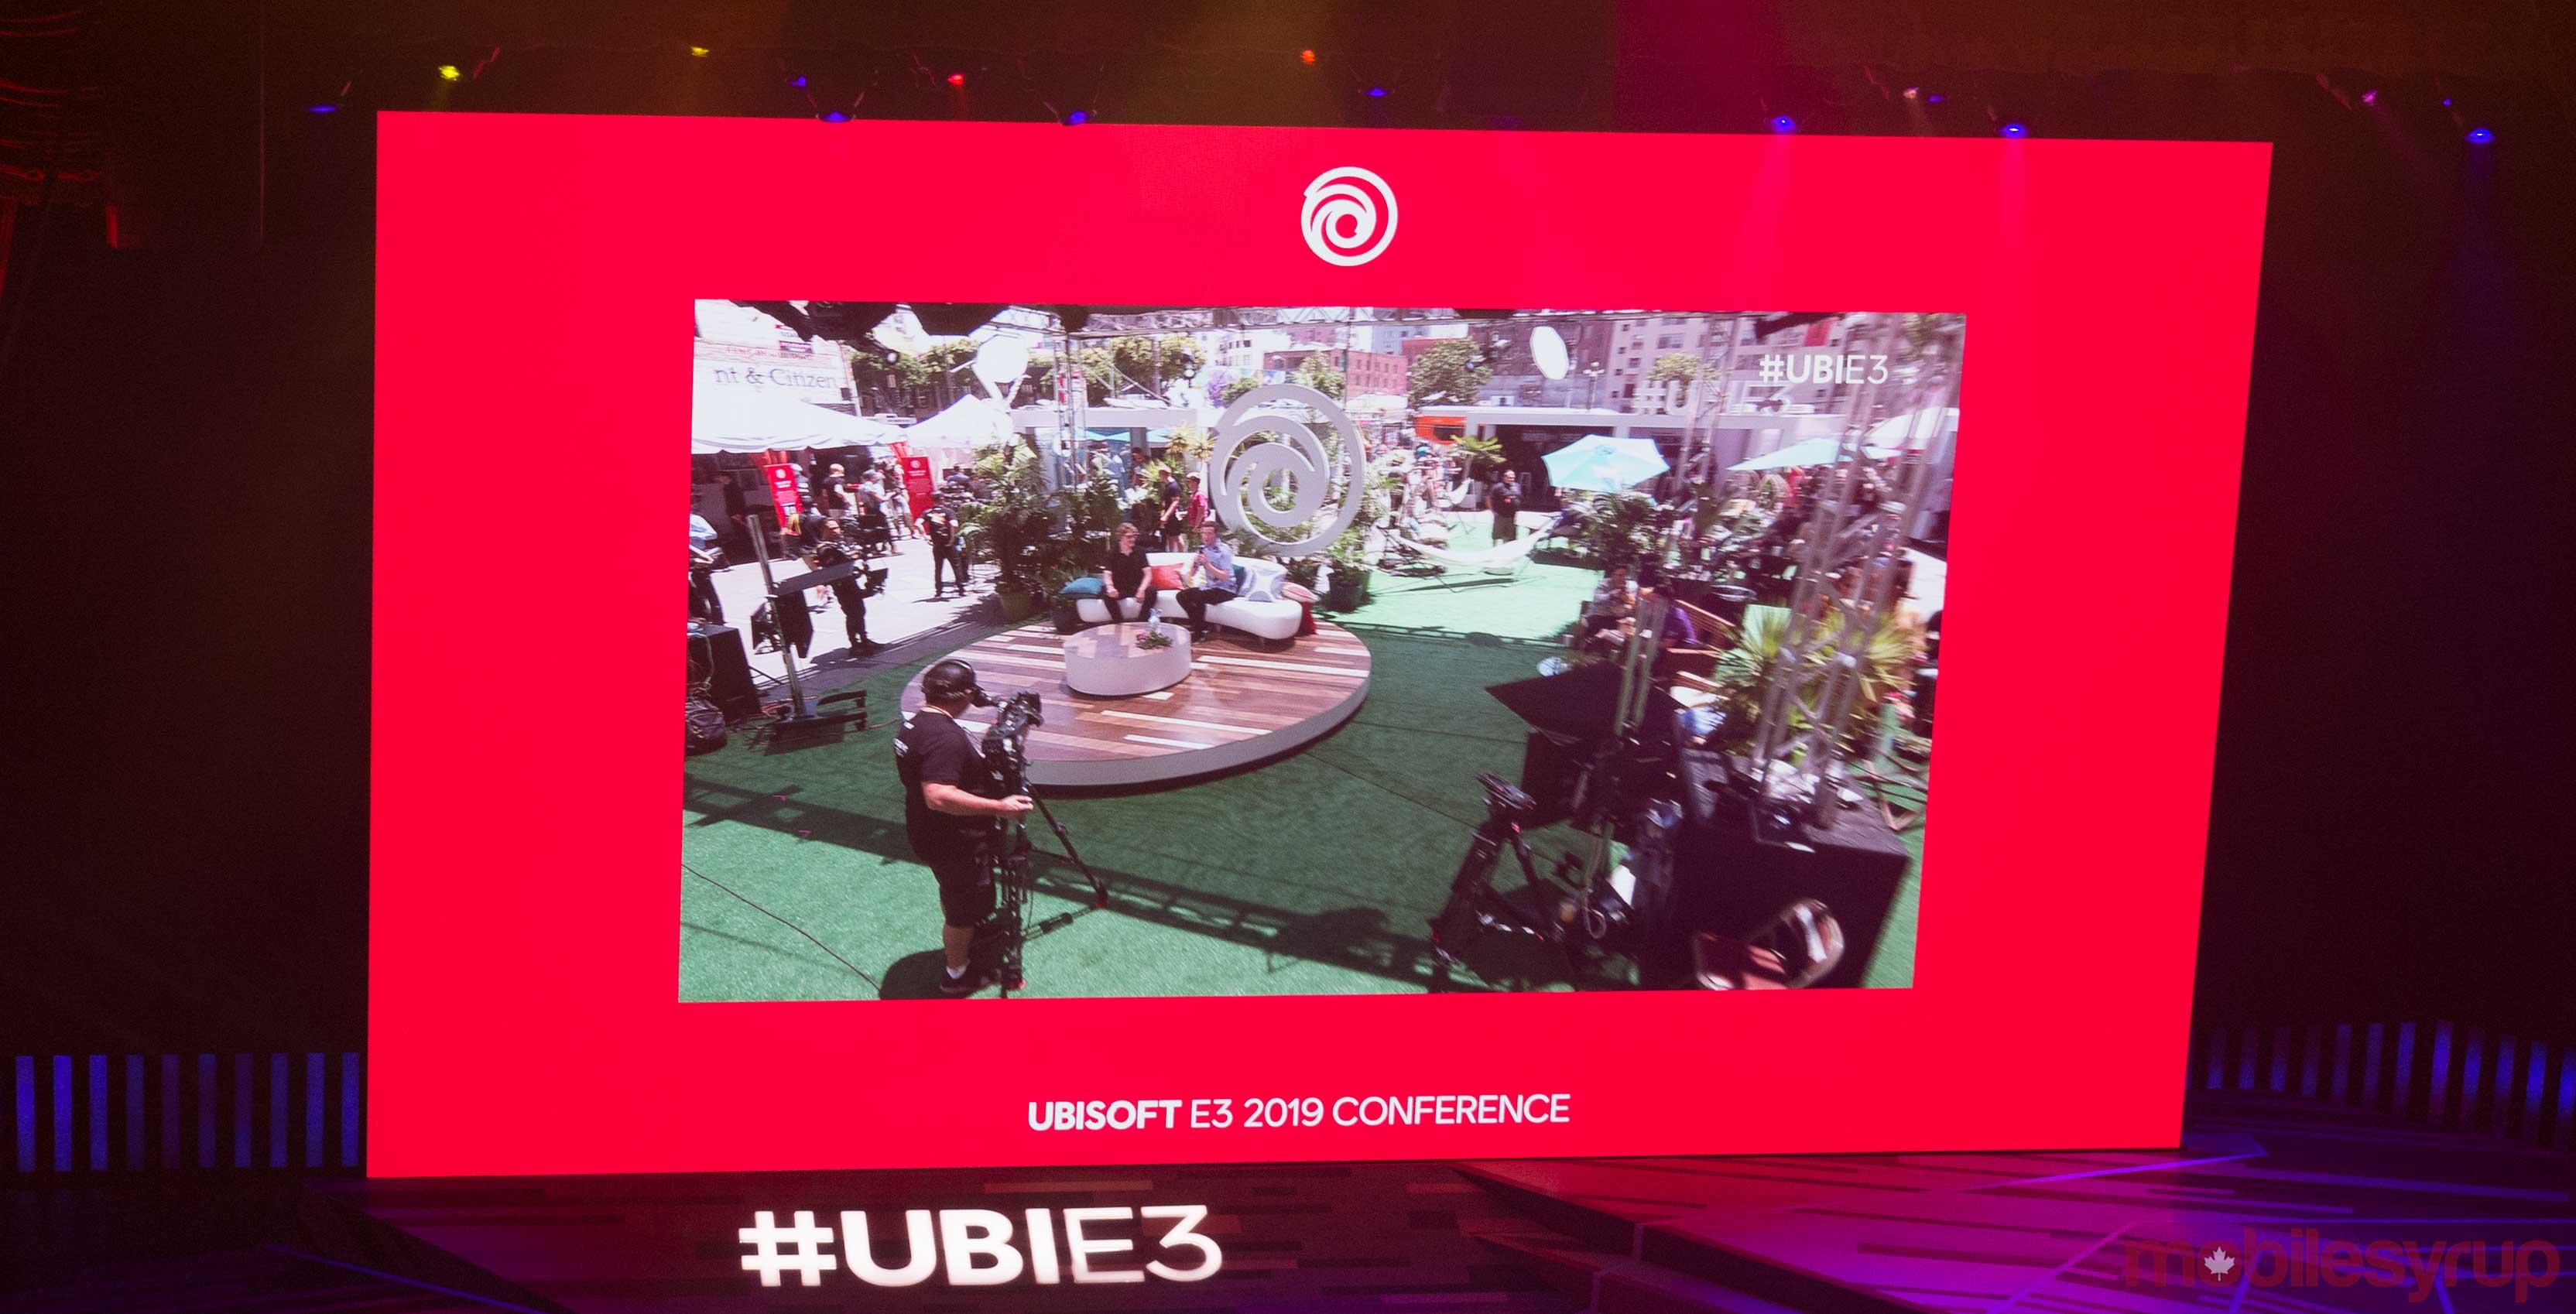 Ubisoft E3 2019